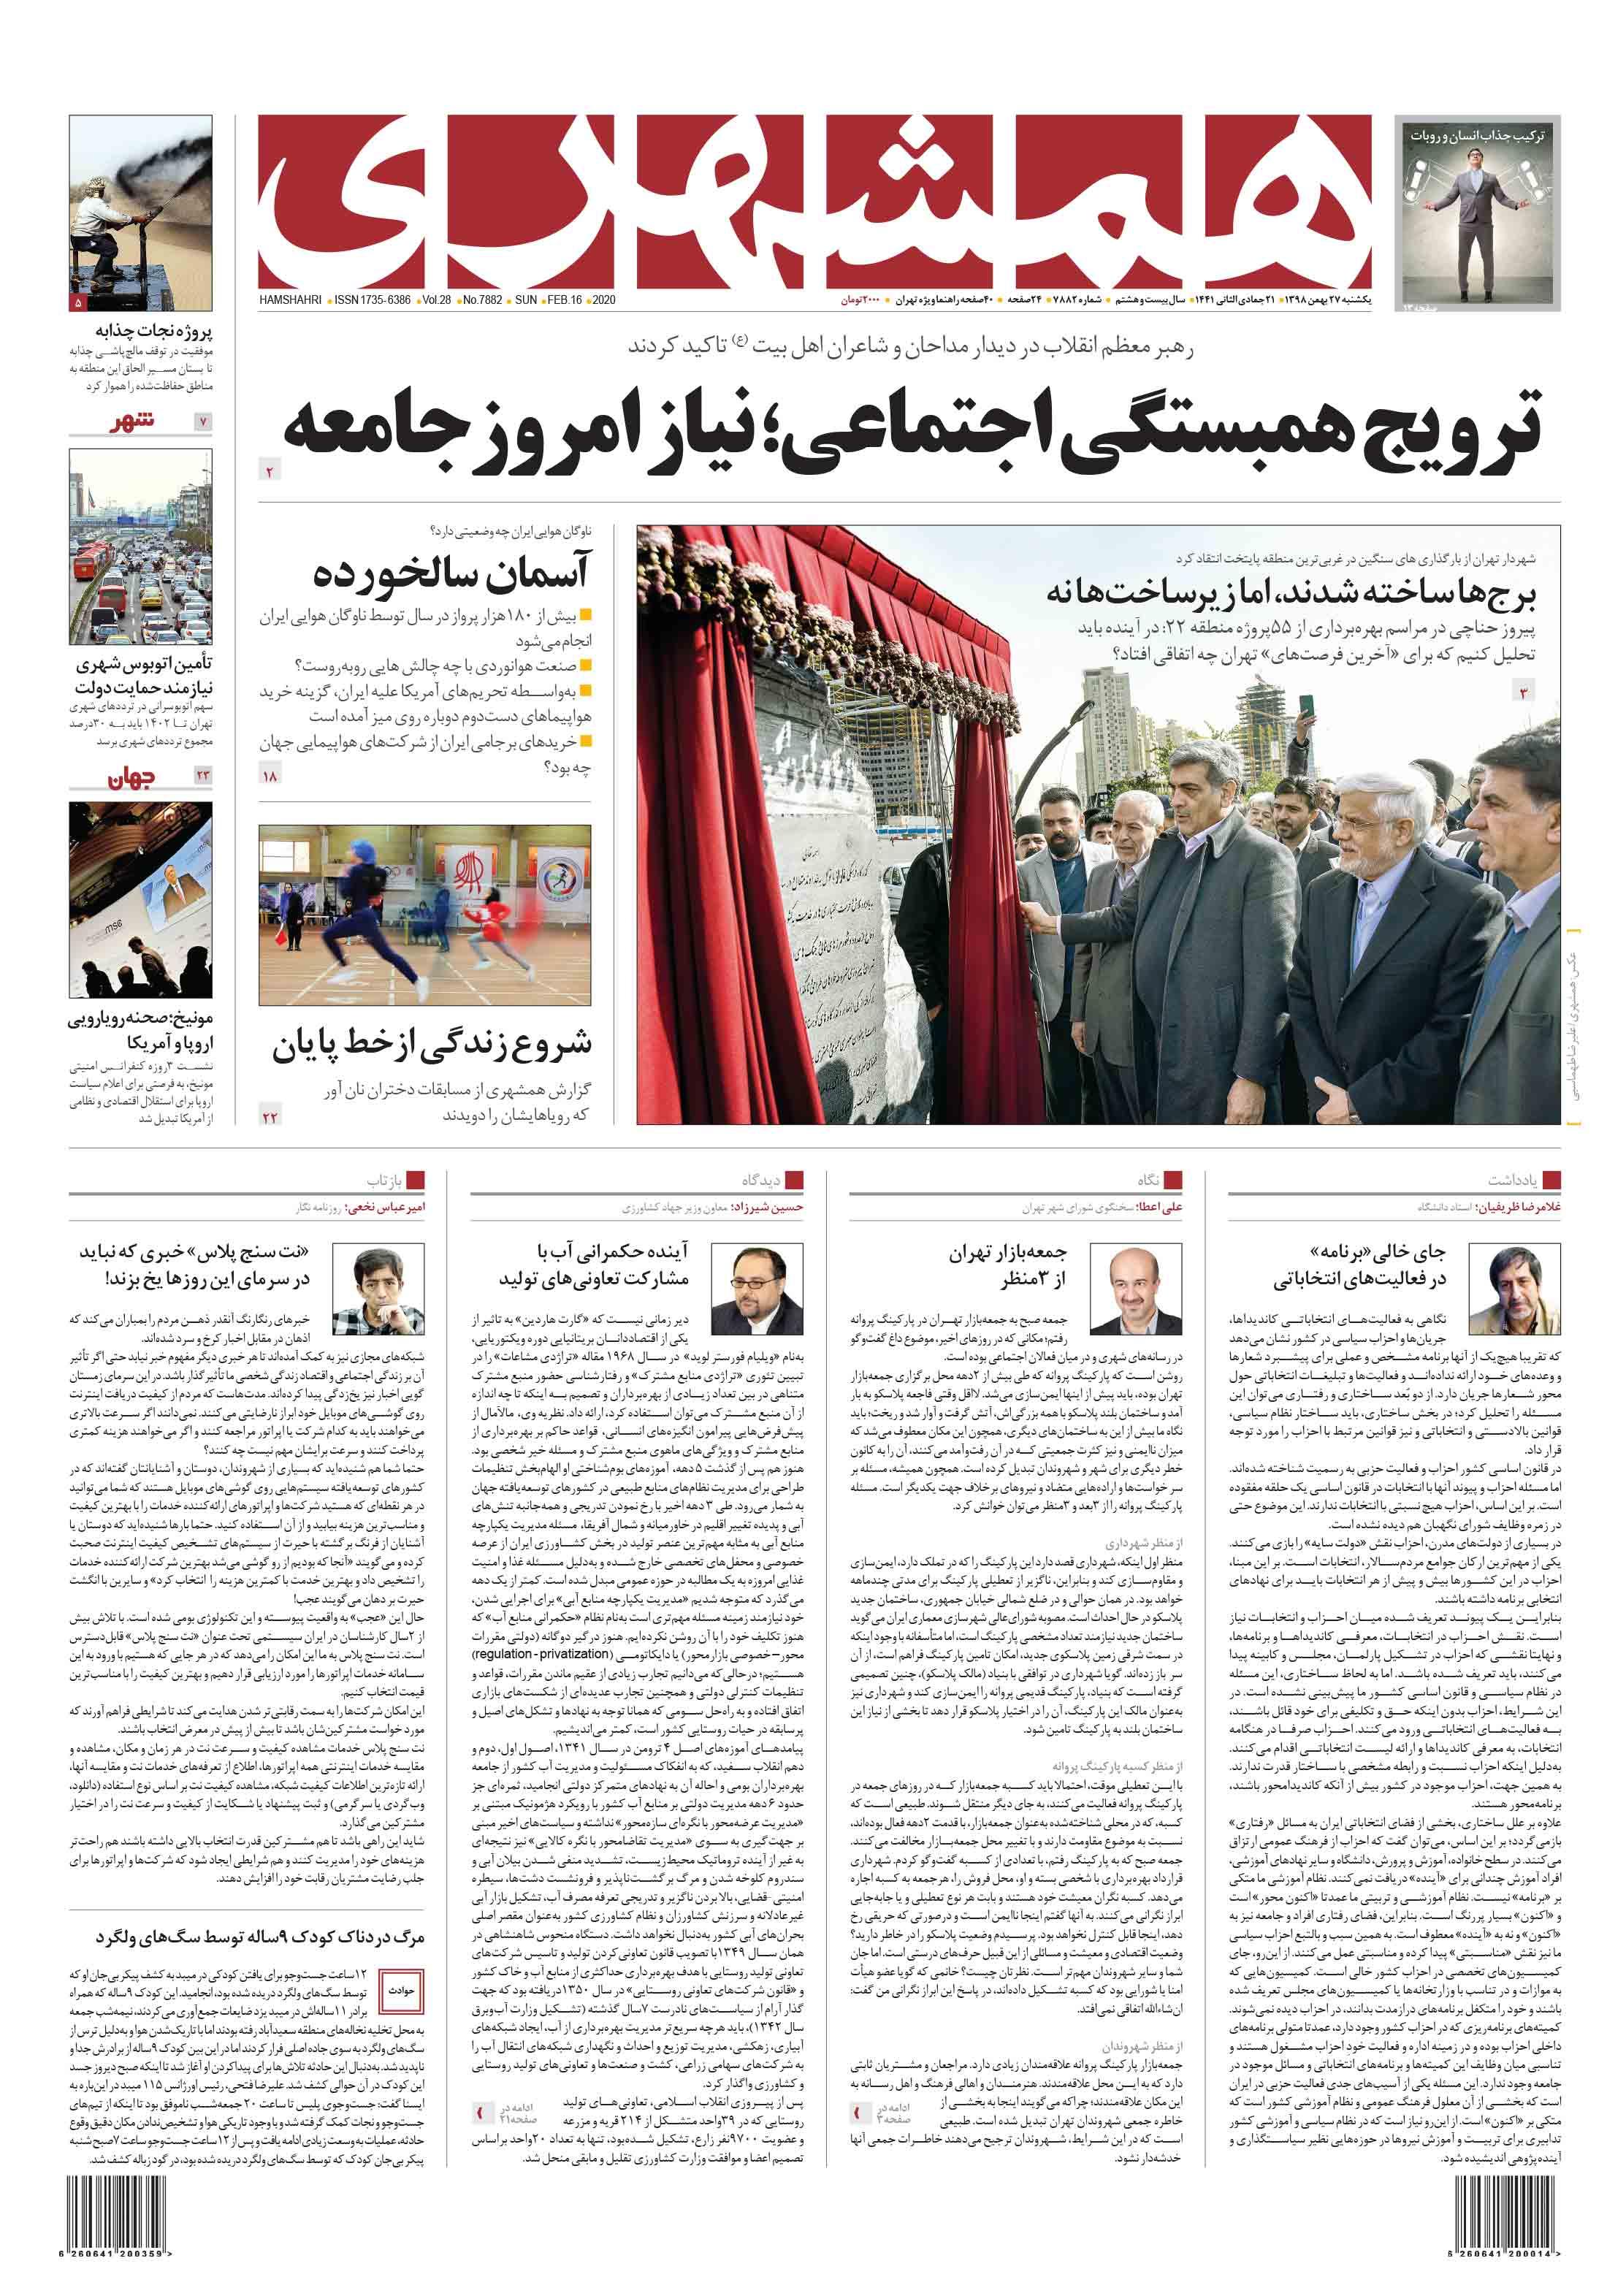 صفحه اول یکشنبه 27 بهمن 1398